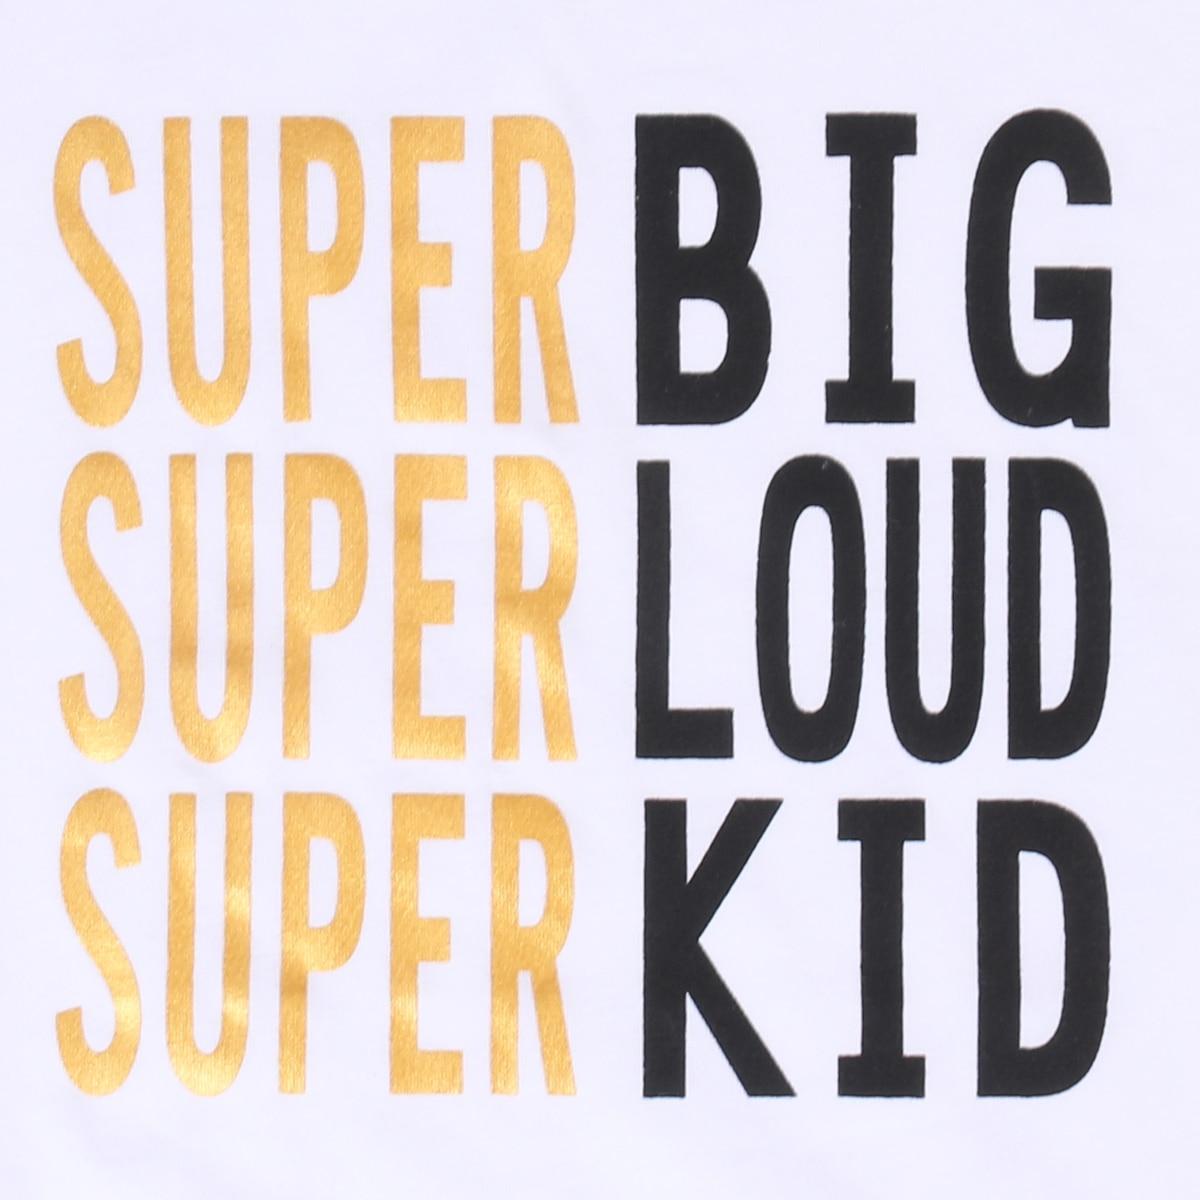 Super Famiy შესაბამისი მაისური Mom - ბავშვთა ტანსაცმელი - ფოტო 4